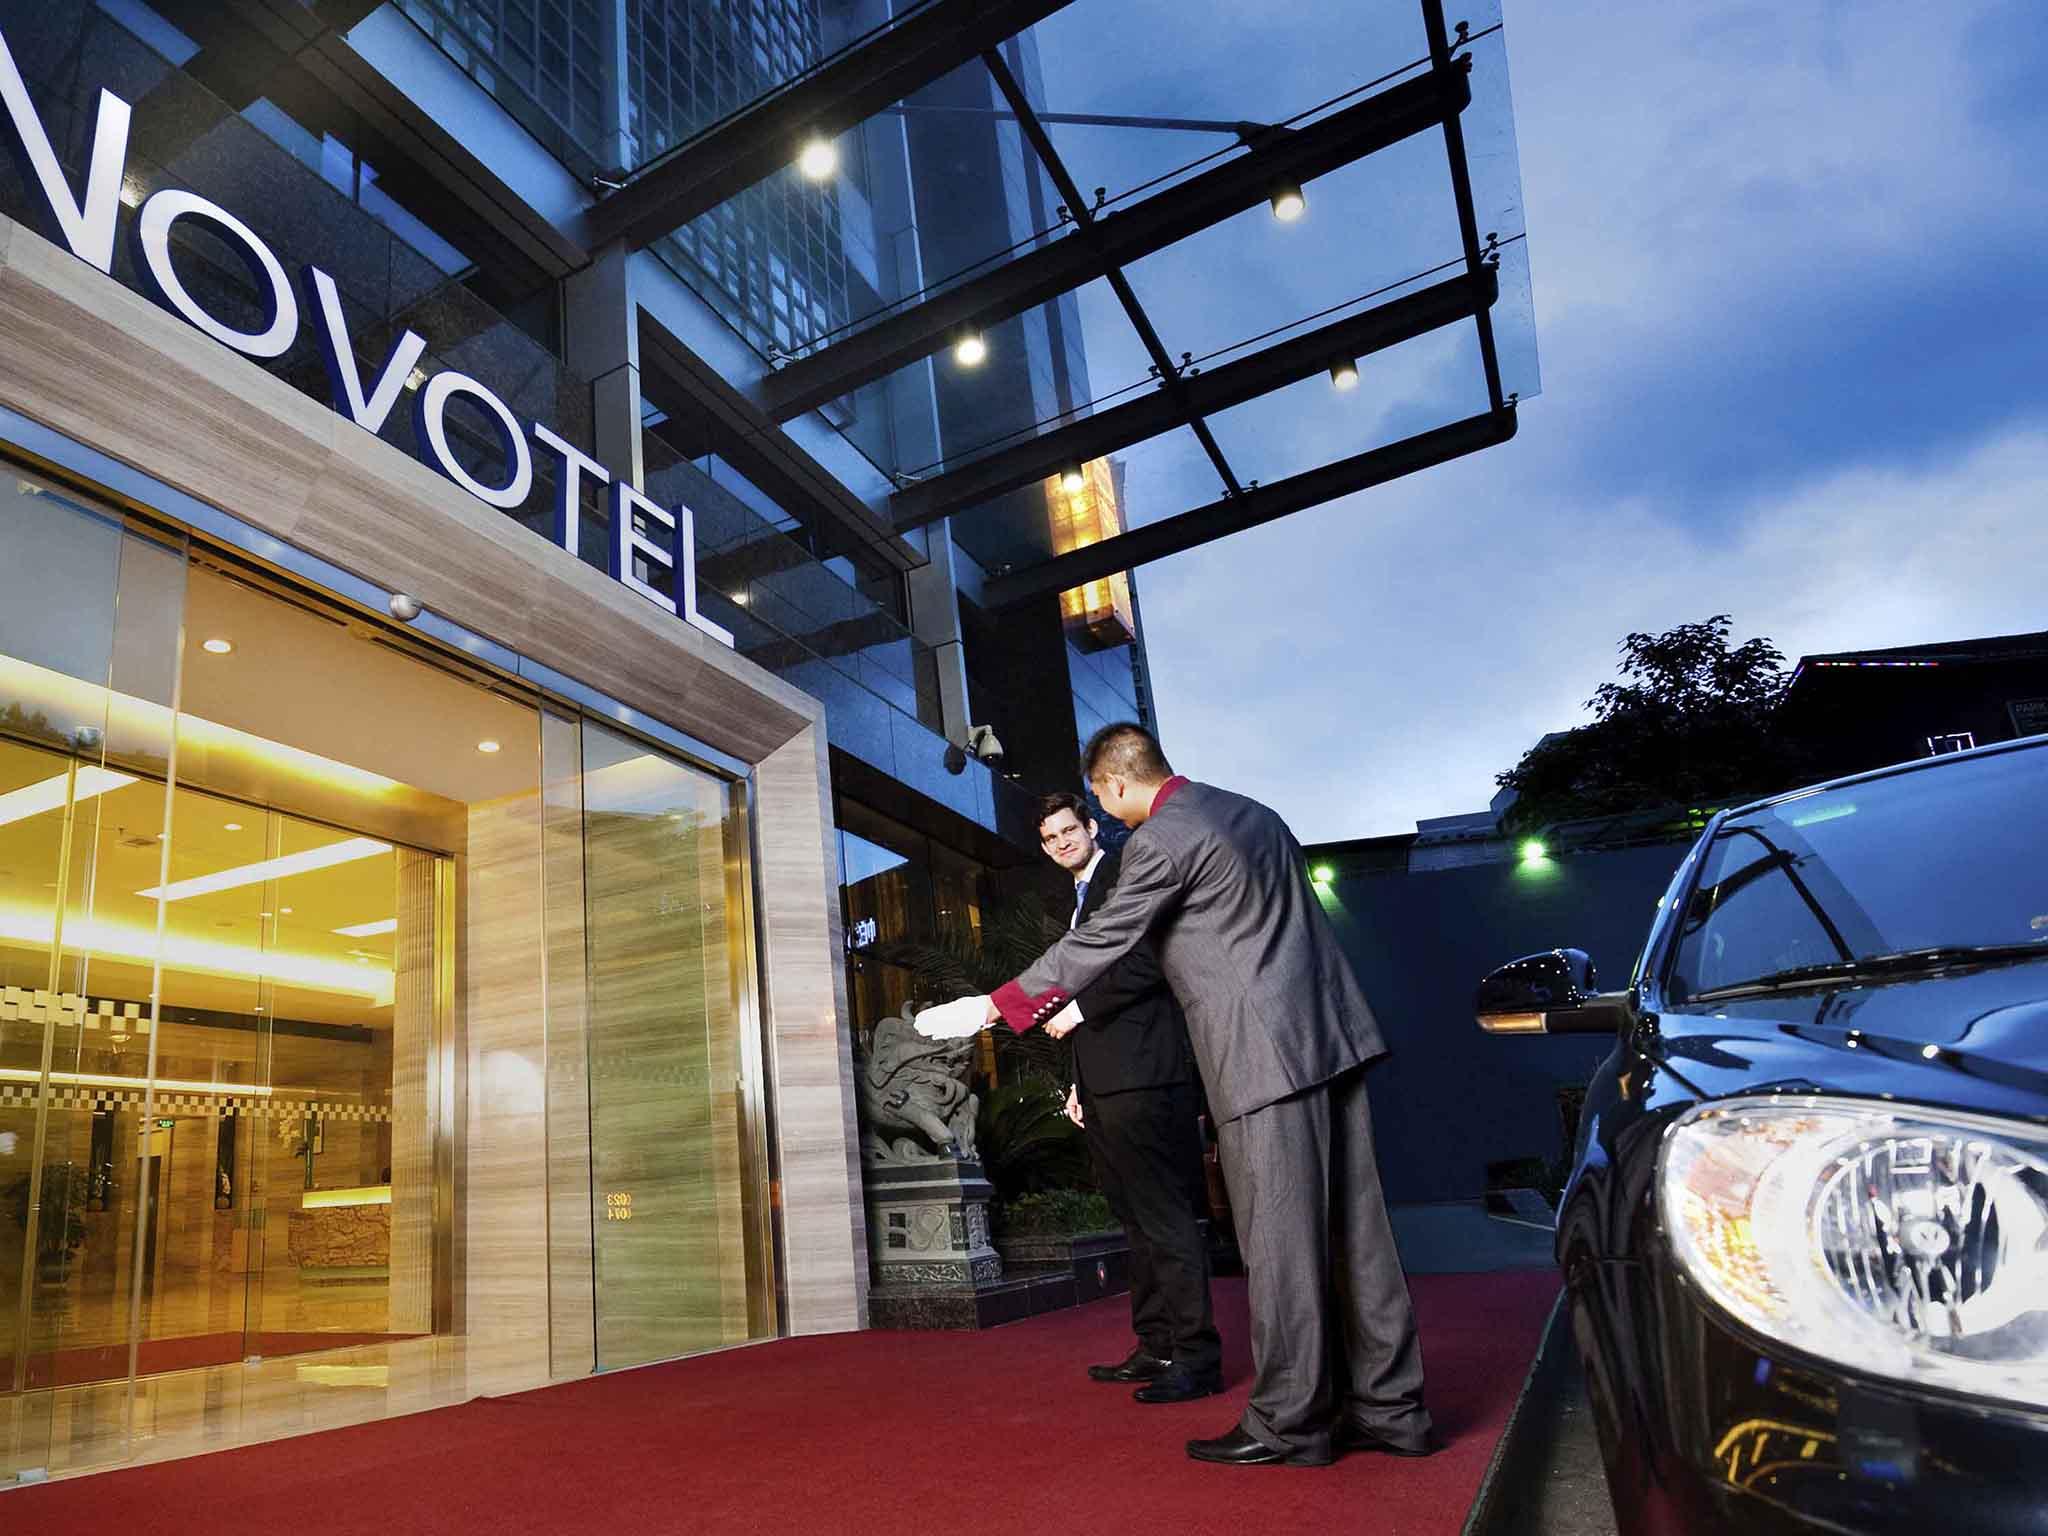 Hotel - Novotel Guiyang Downtown